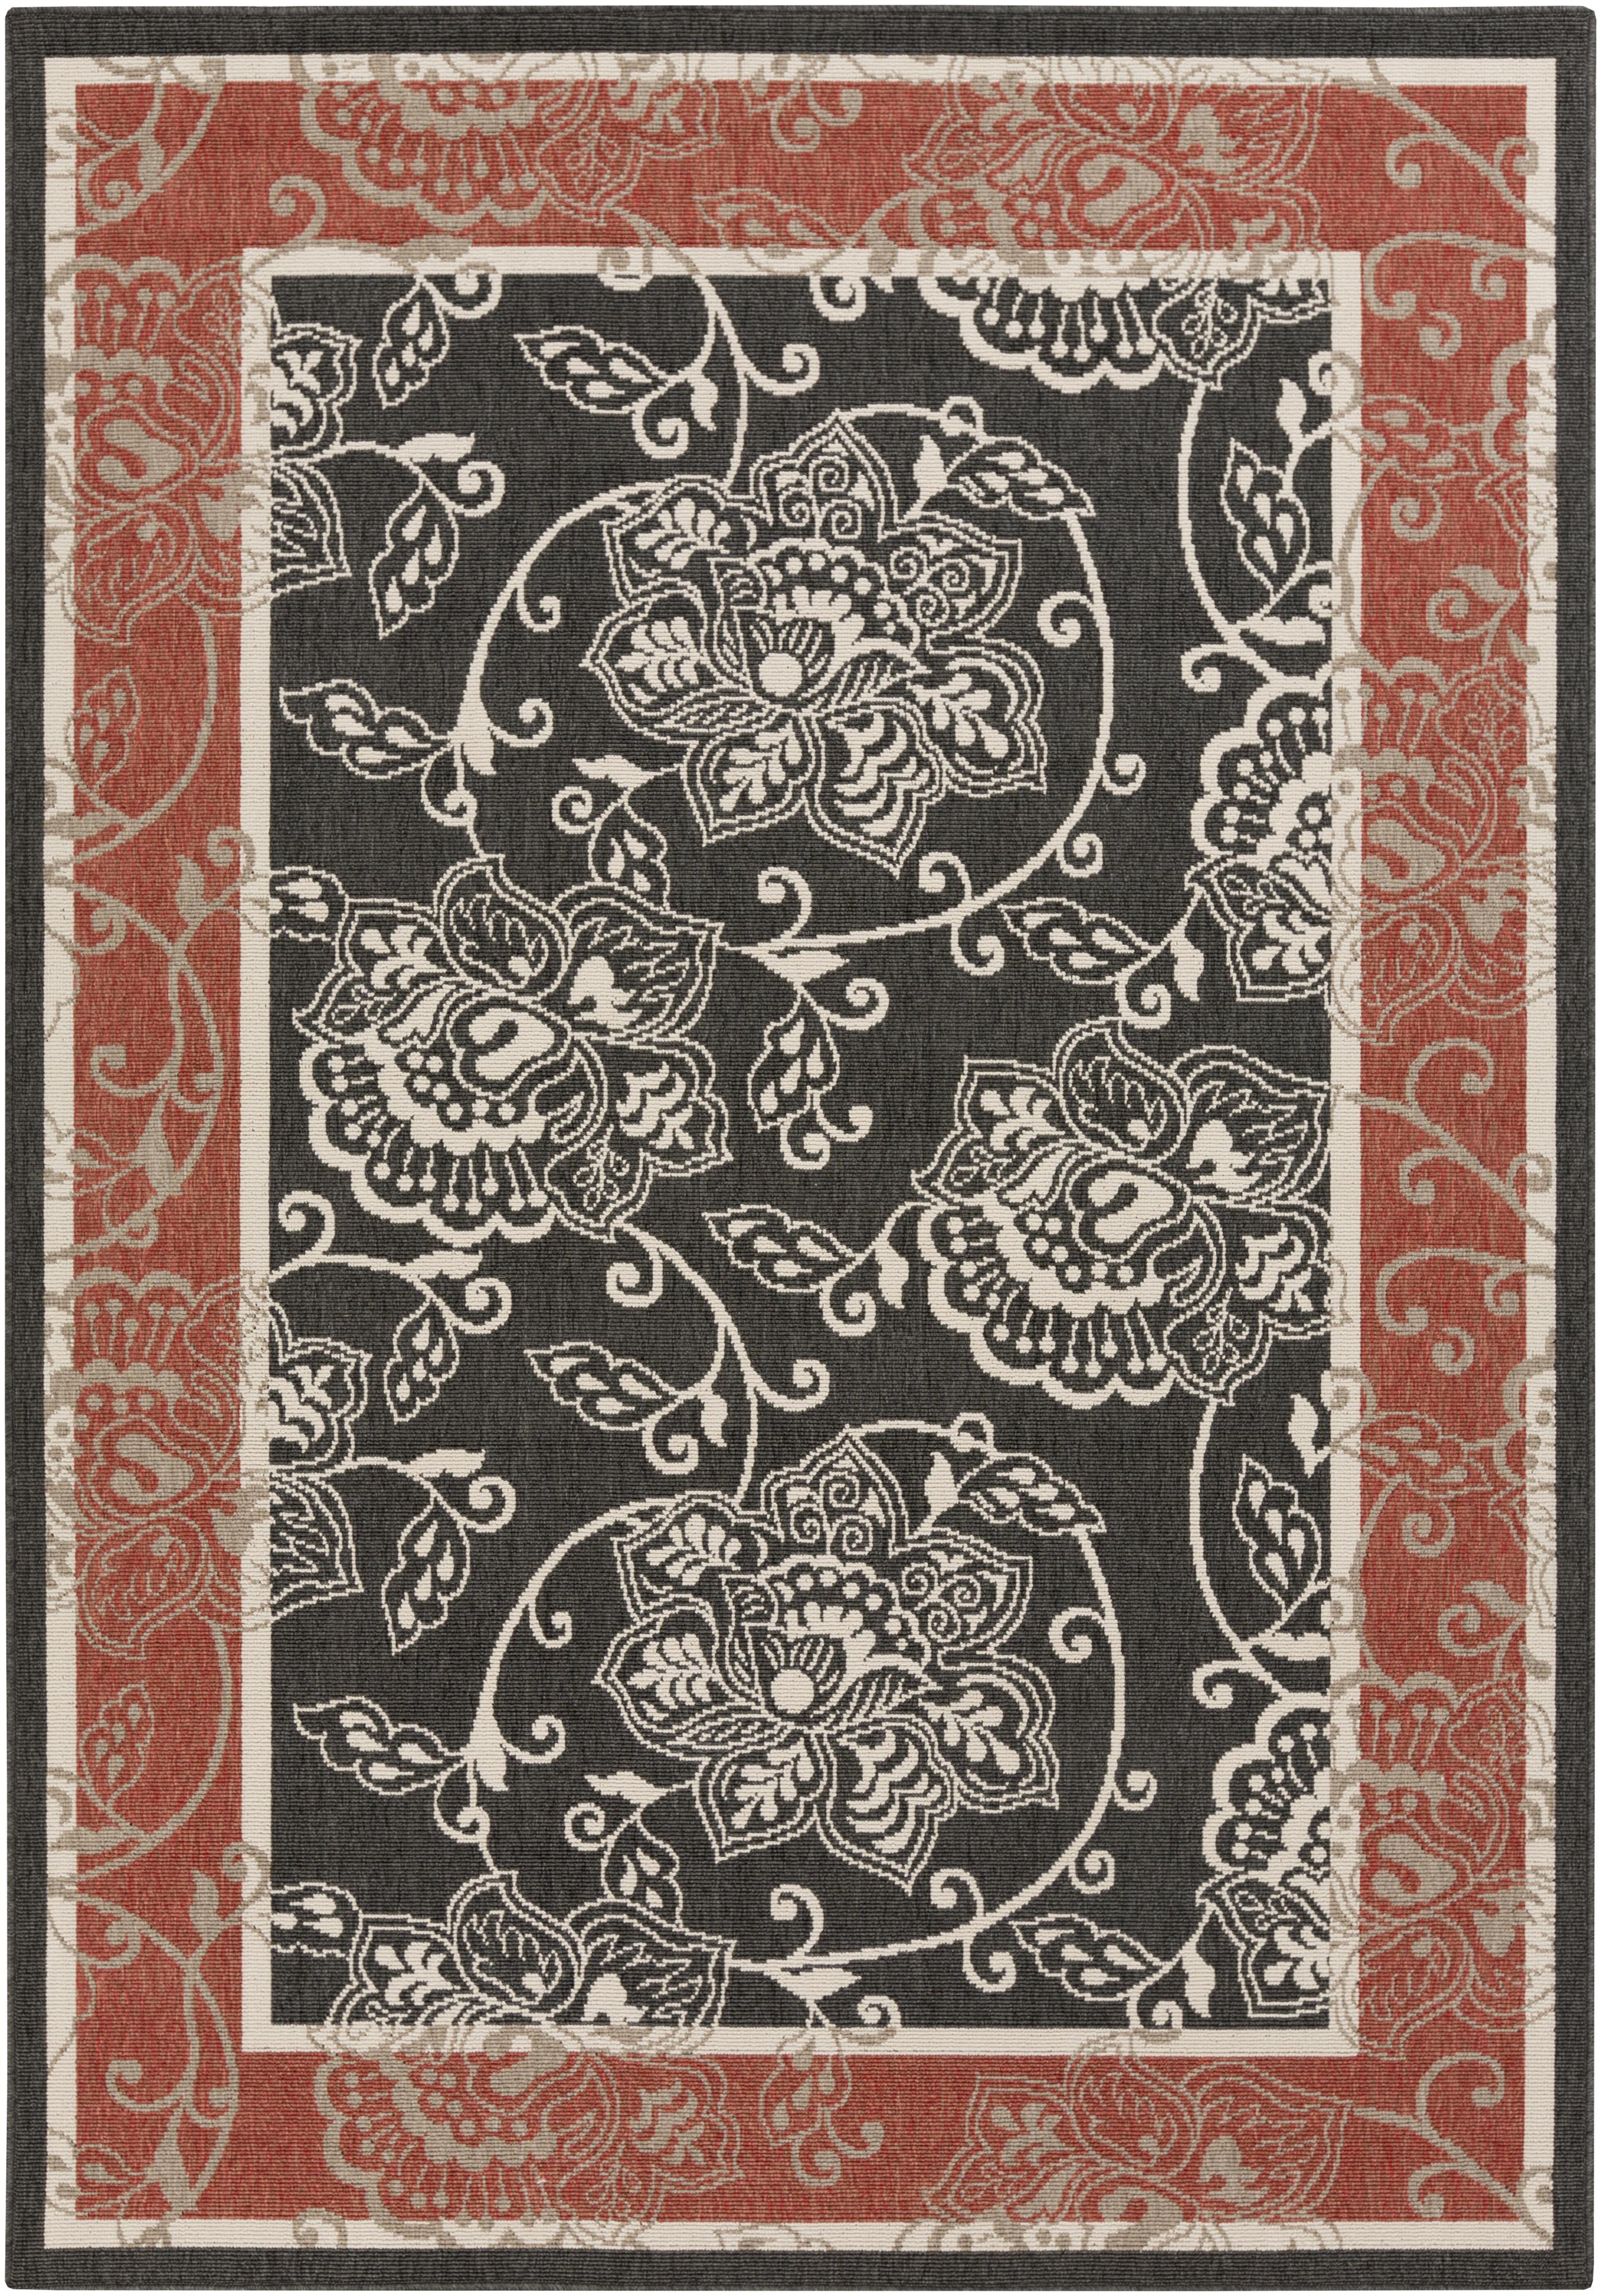 Alfresco 6' x 9' by Surya at Fashion Furniture